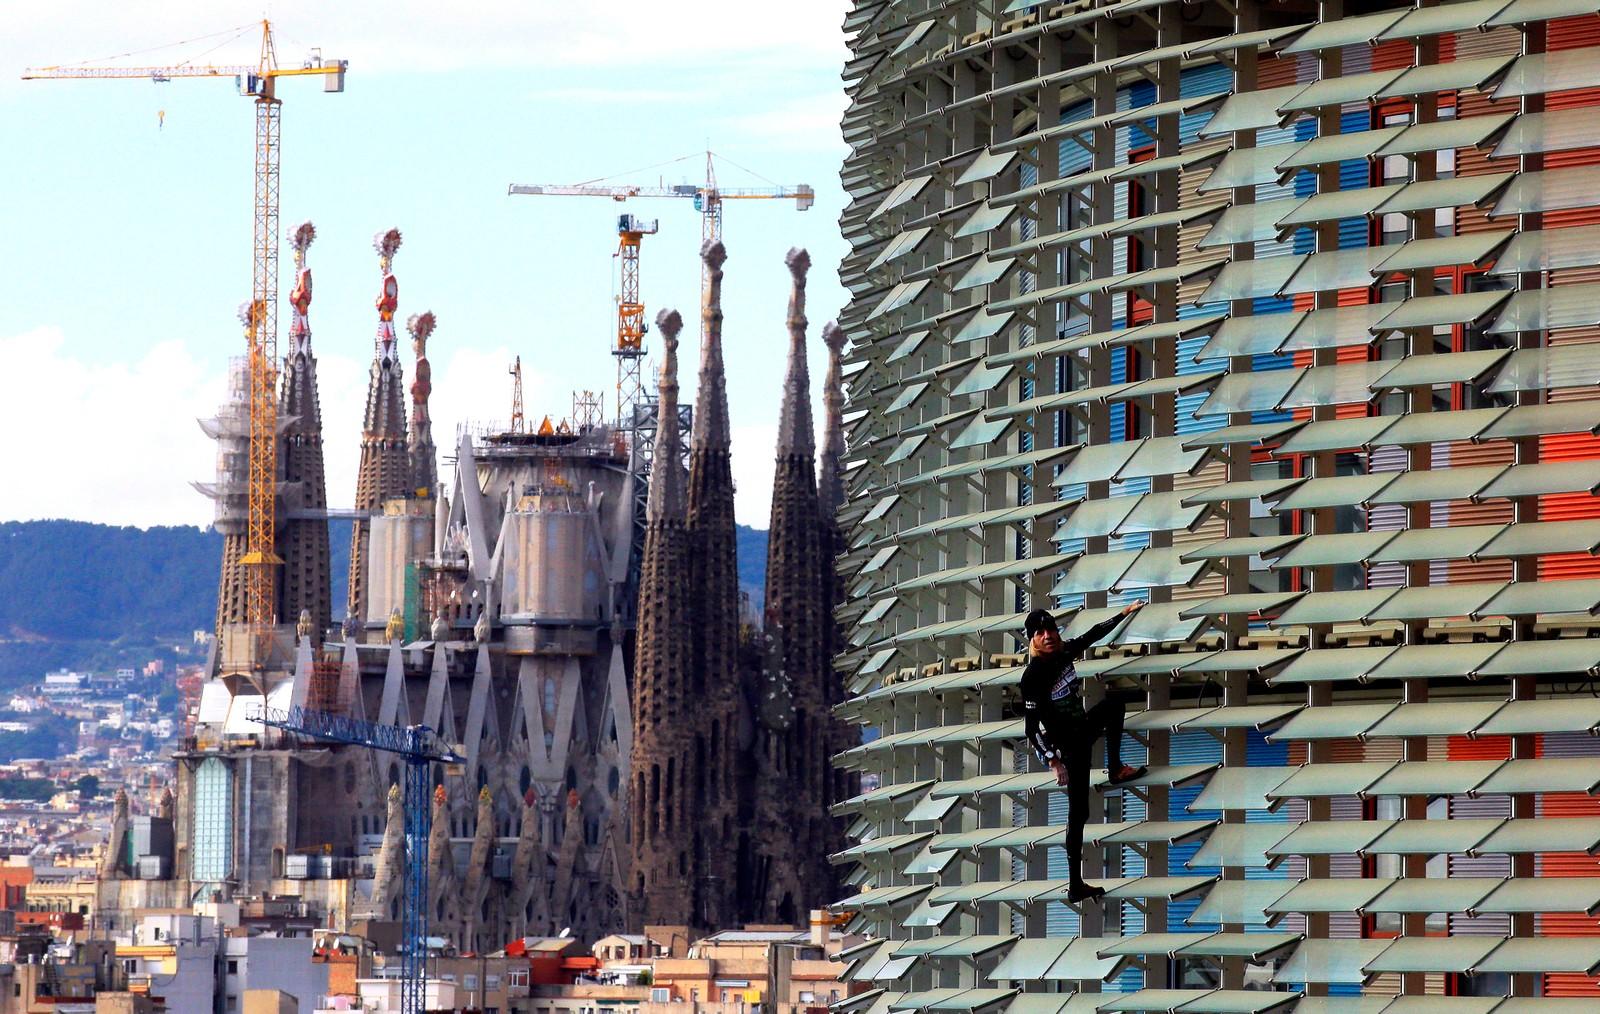 Den franske klatreren Alain Robert, er på vei opp det 145 meter høye Agbartårnet i Barcelona. I bakgrunnene ser vi La Sagrada Familia.